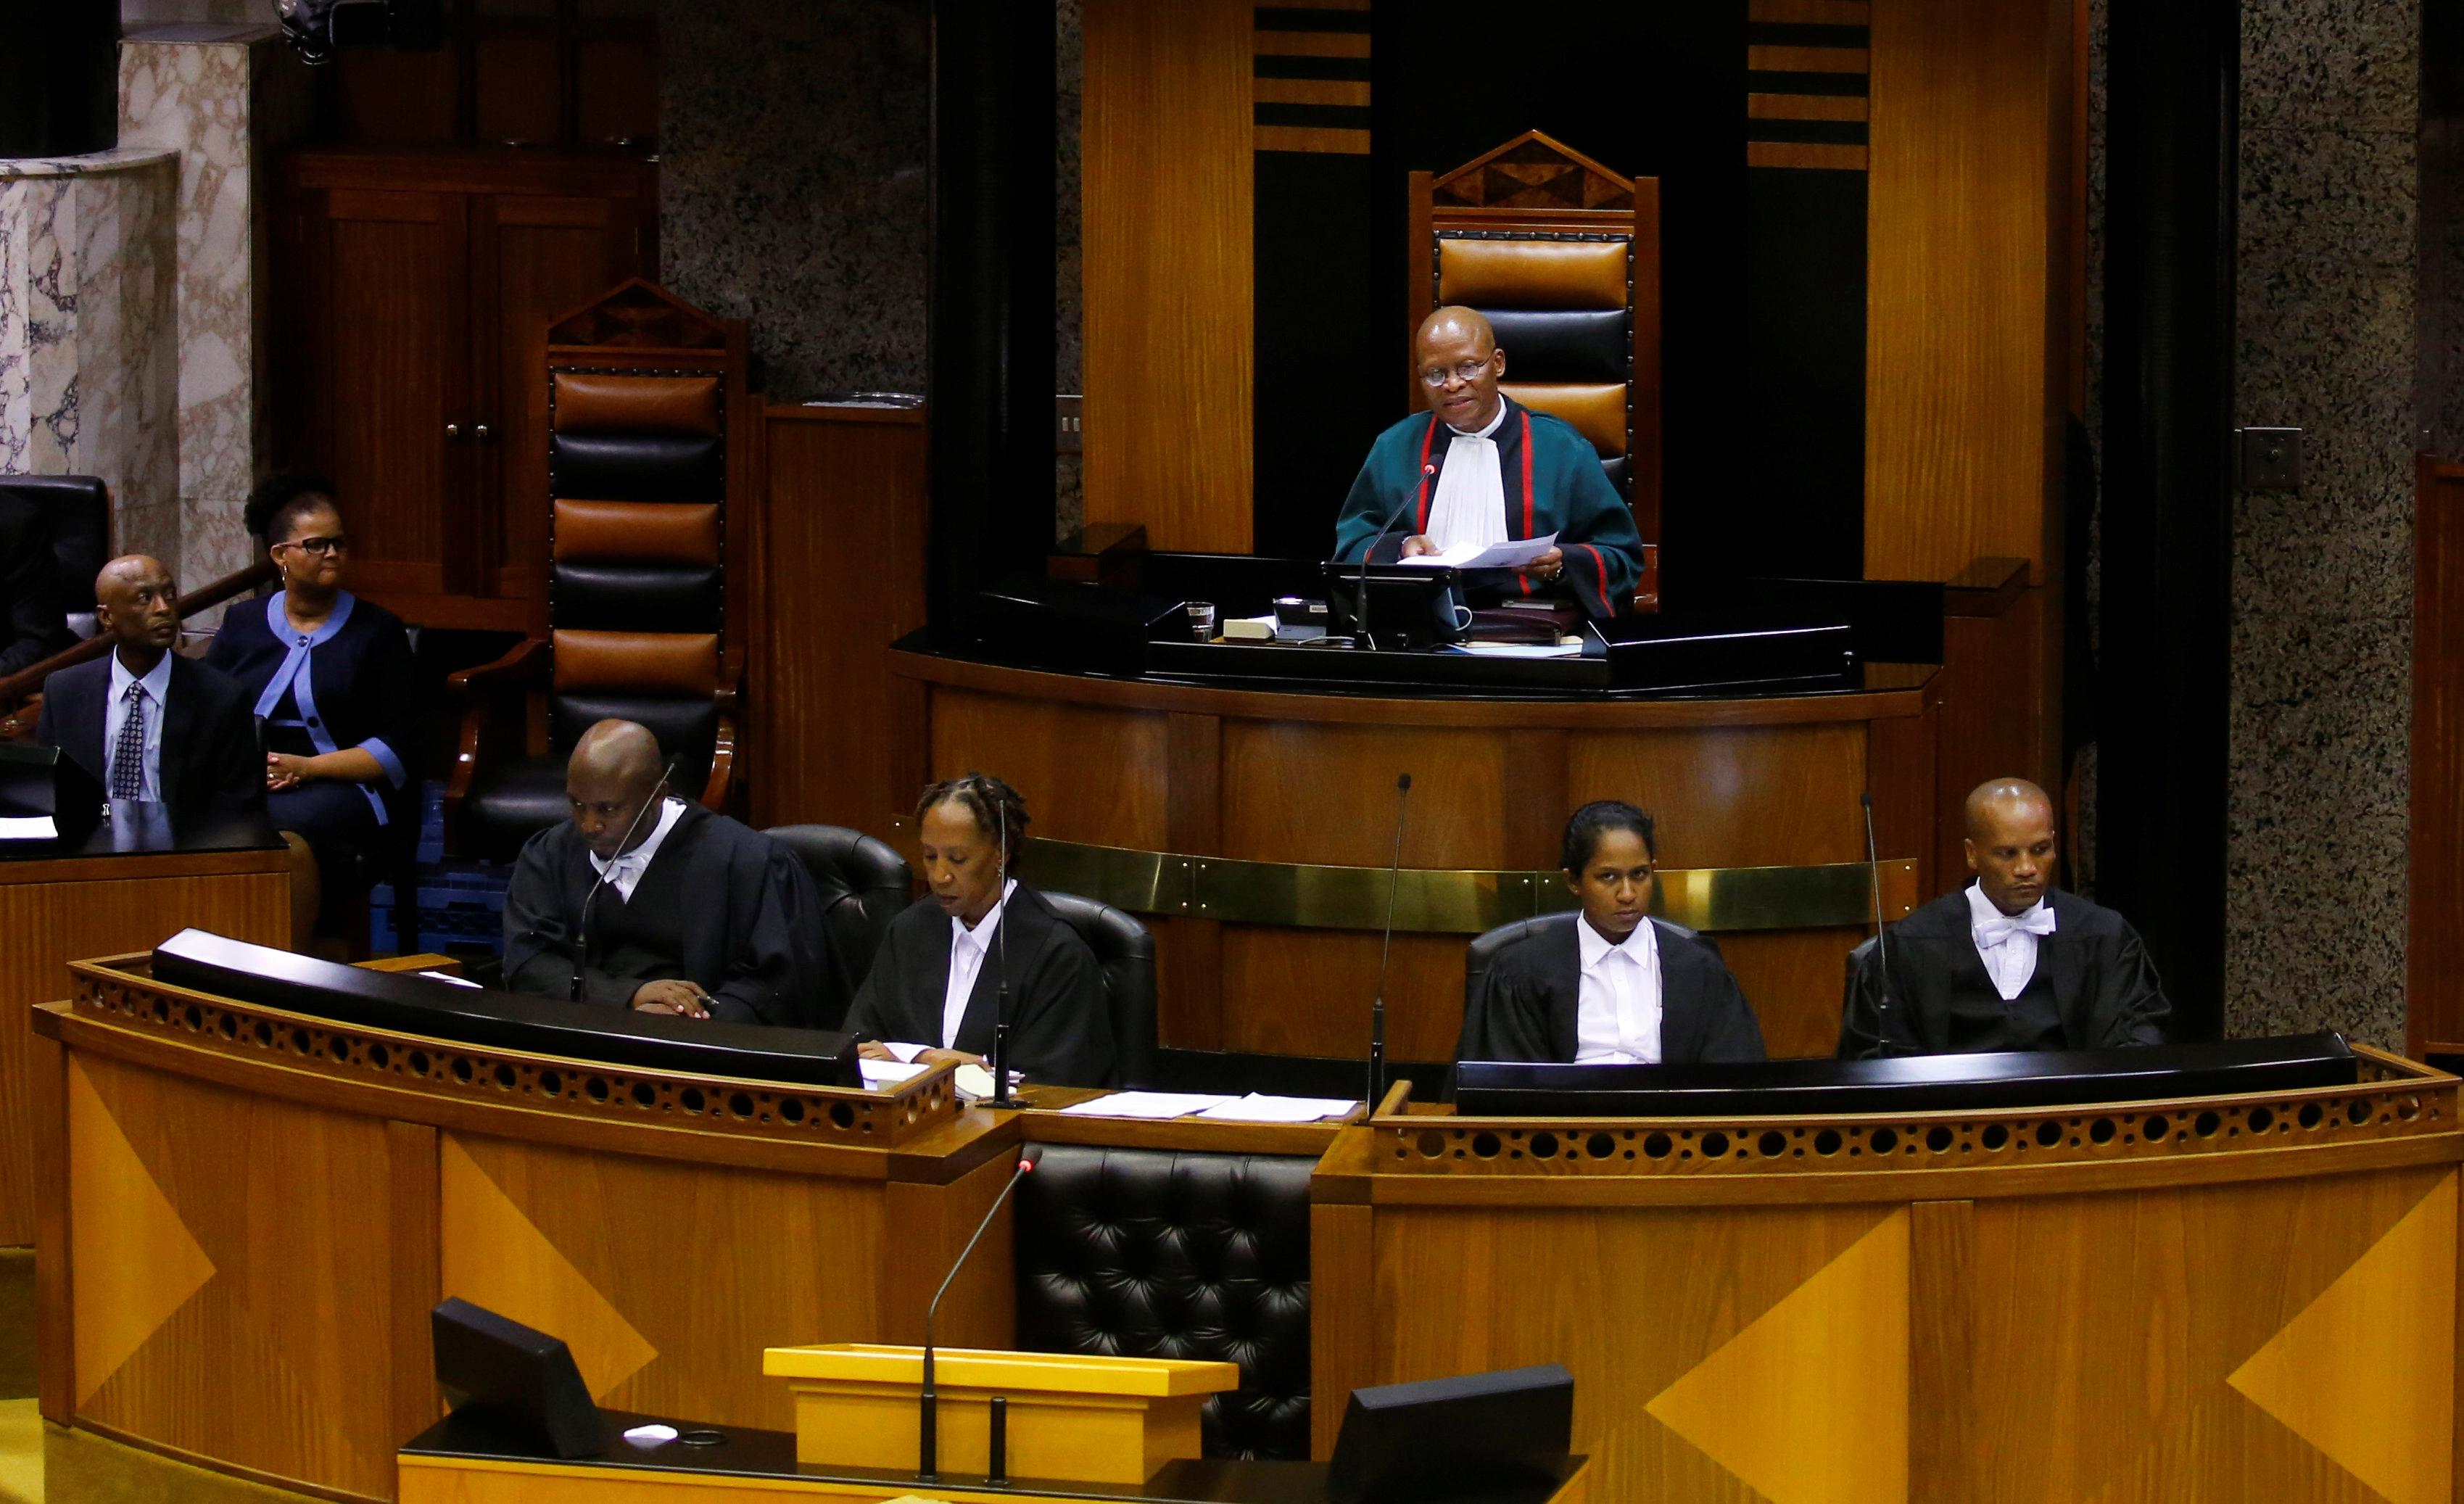 رئيس القضاة موجوينج يتحدث فى البرلمان قبل أداء اليمين